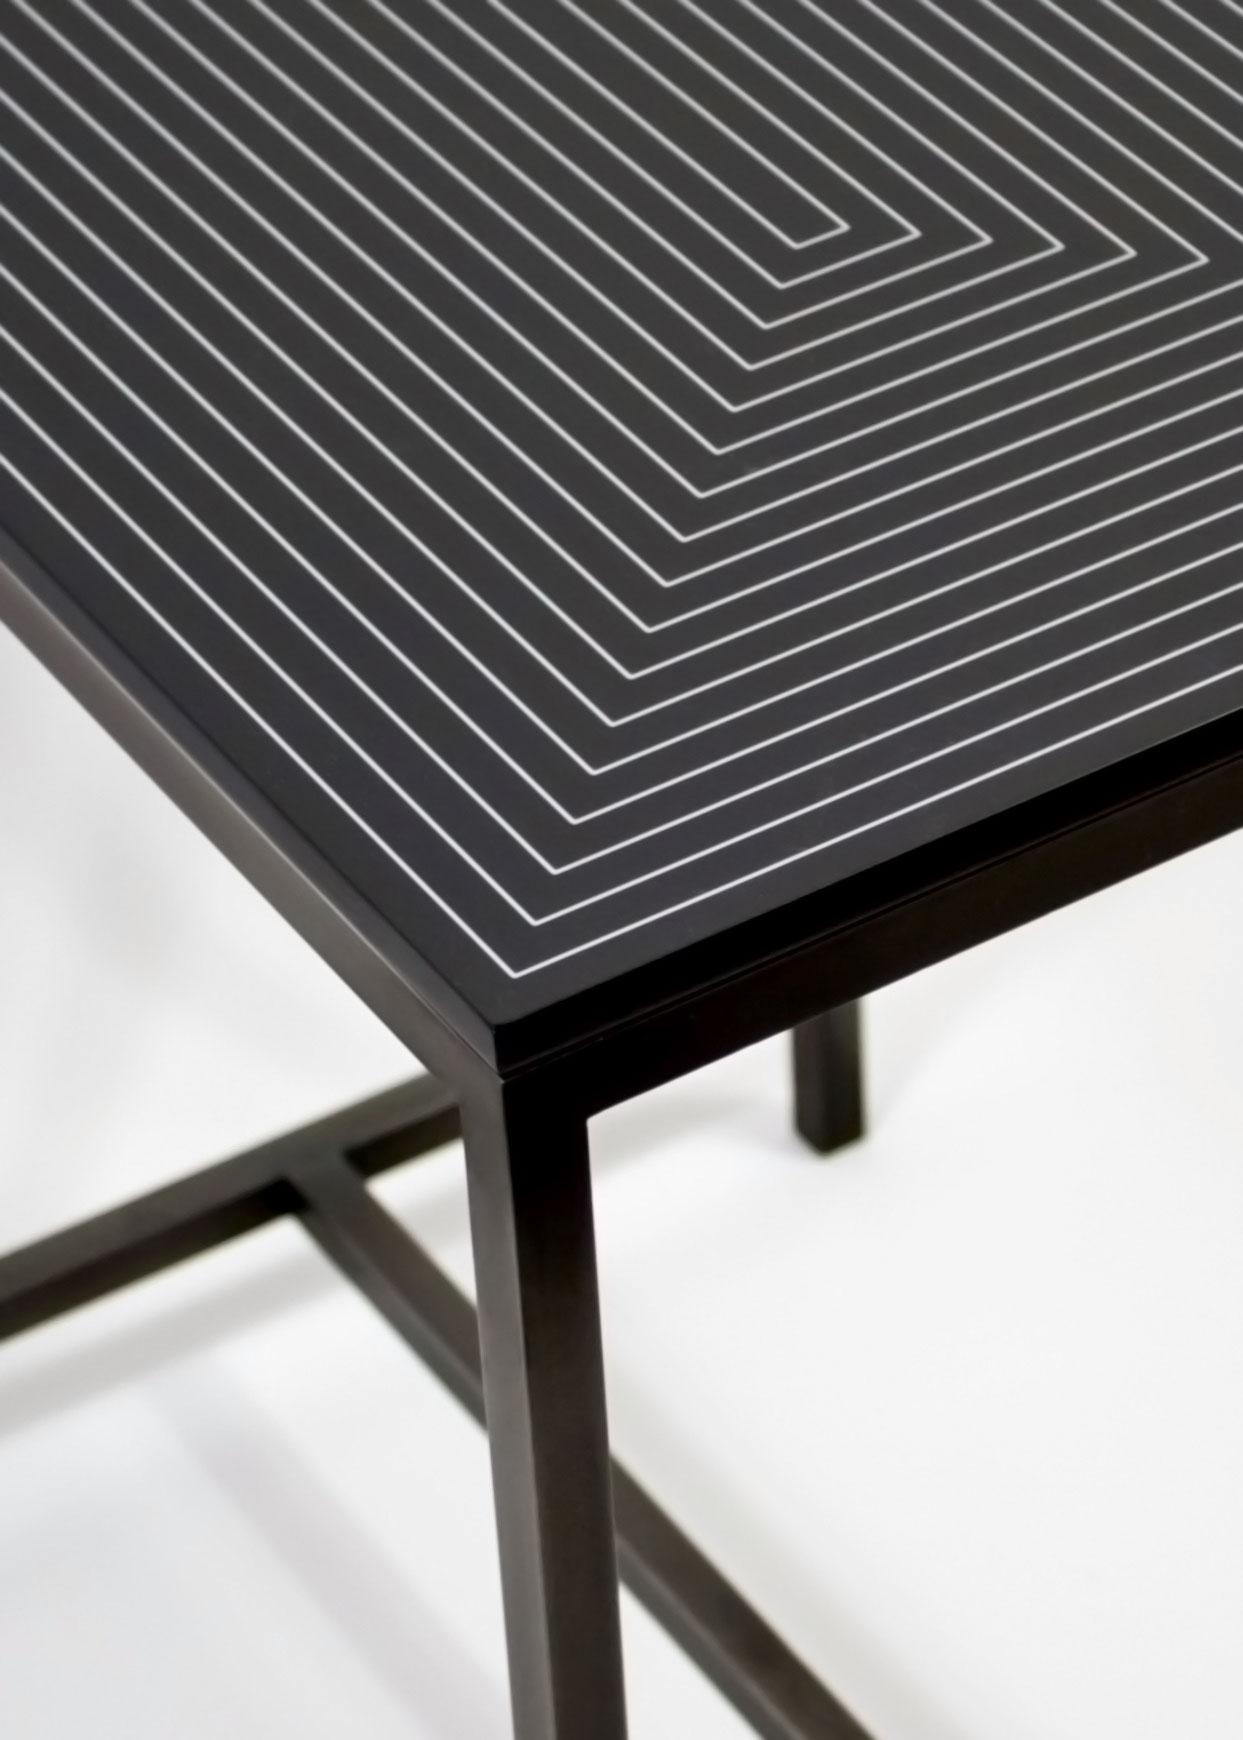 new-black-table_edited-1-(1)-web.jpg